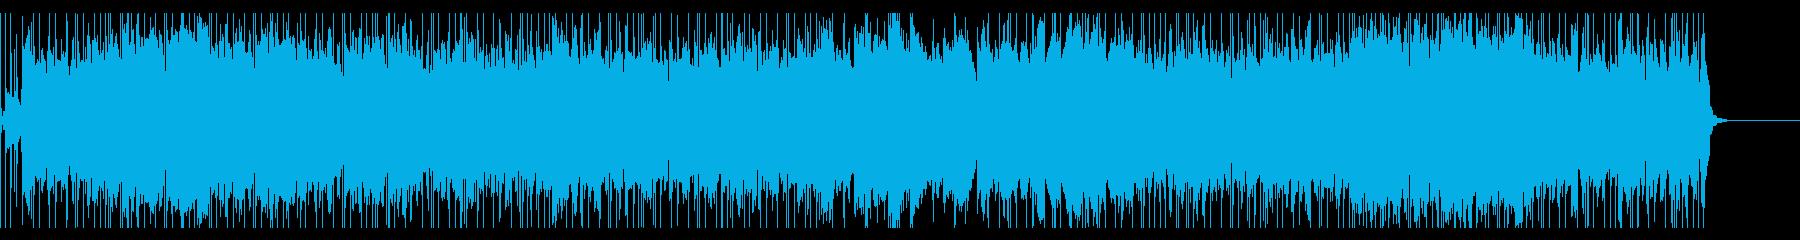 ほのぼのした日常系ロックの再生済みの波形